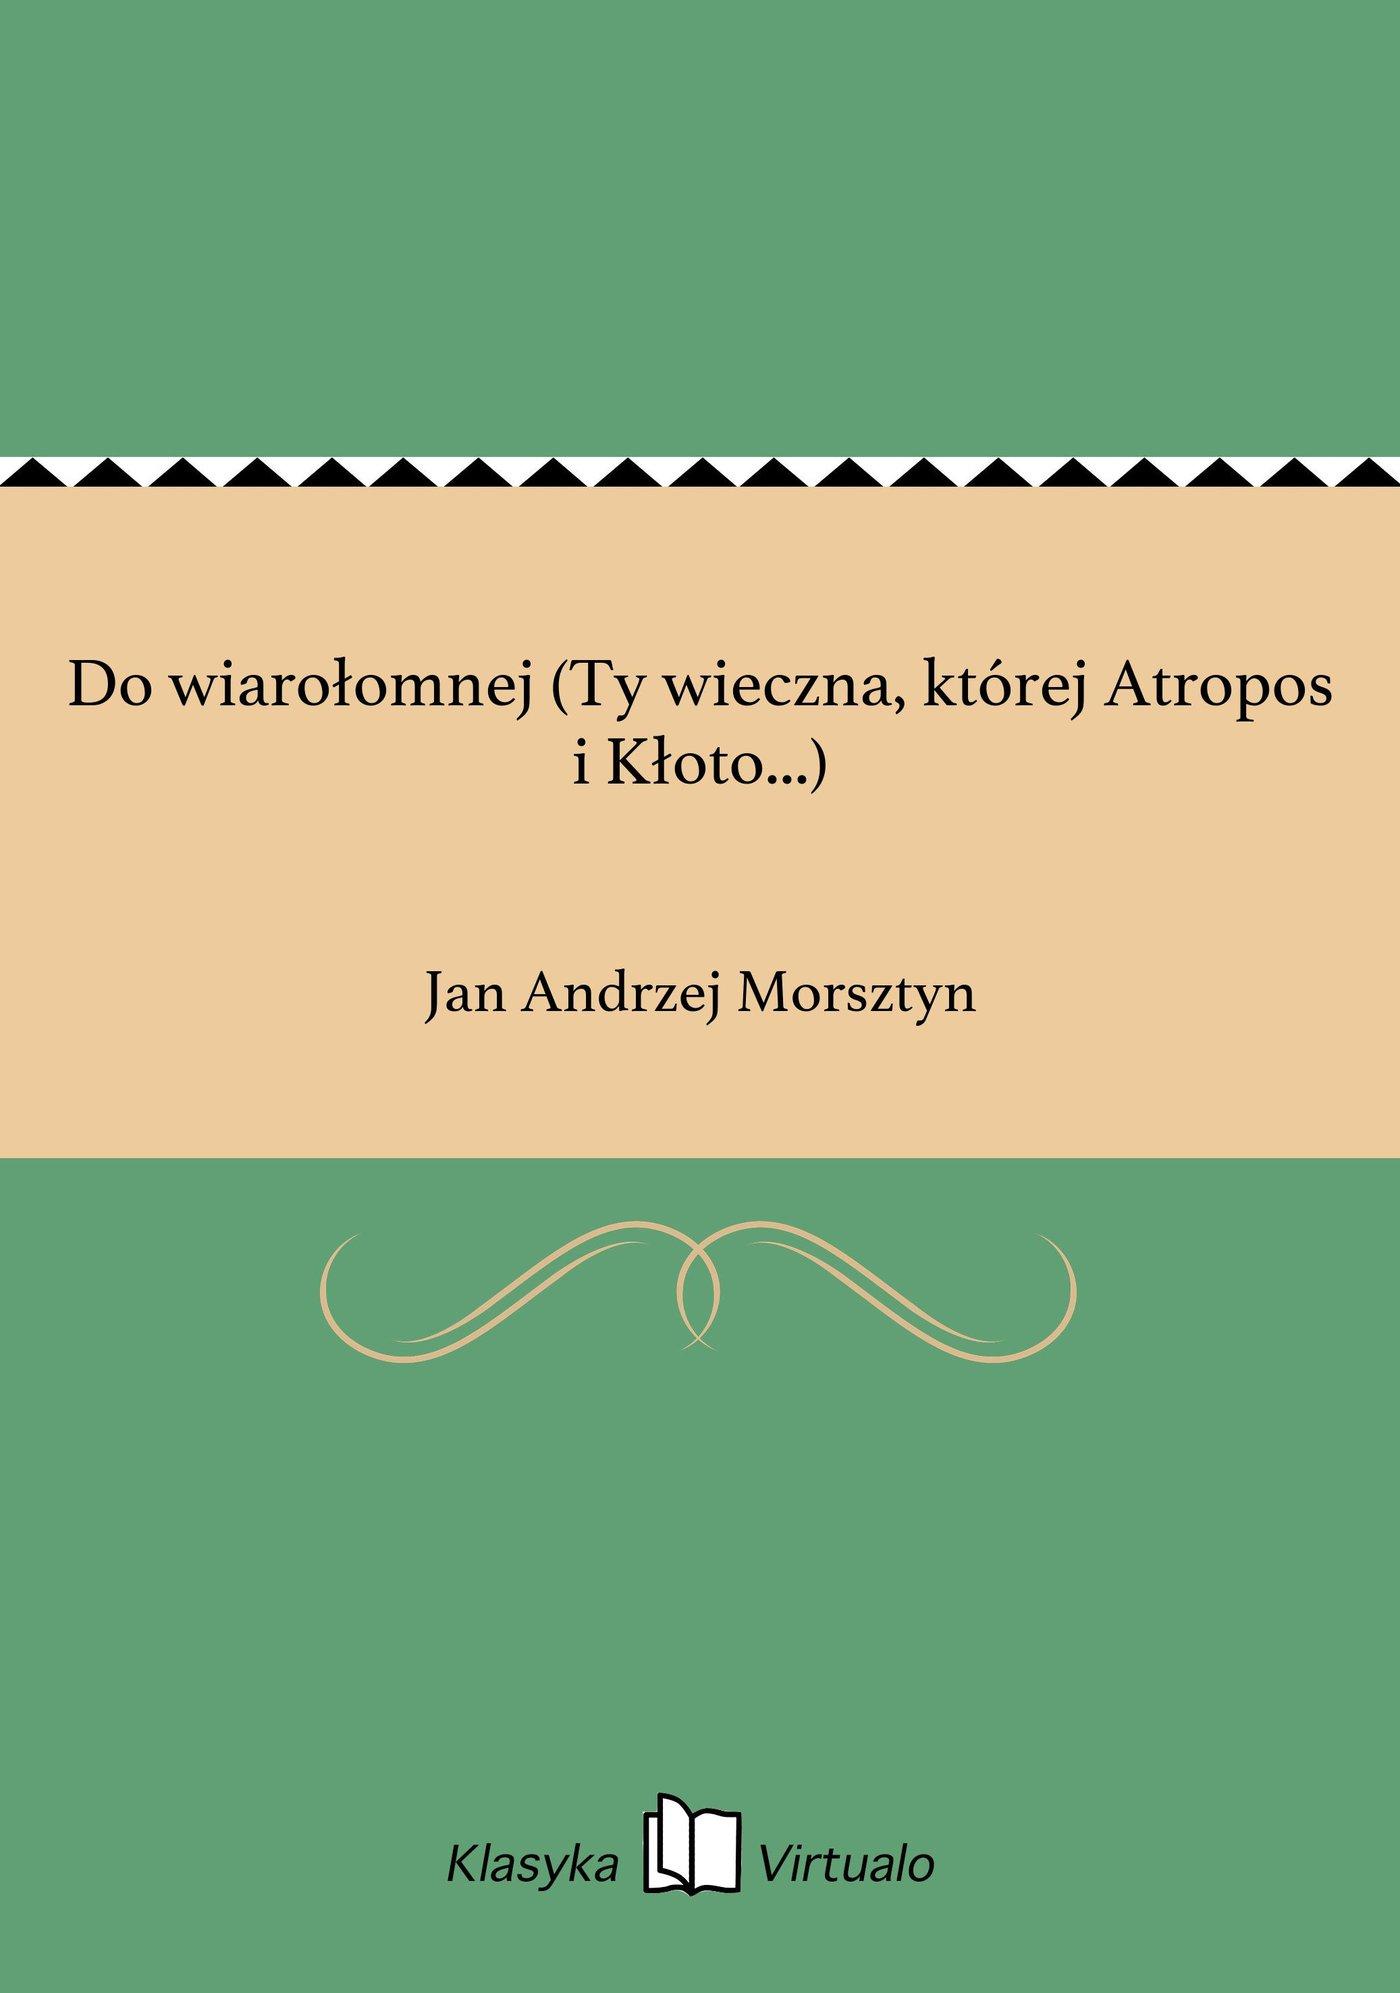 Do wiarołomnej (Ty wieczna, której Atropos i Kłoto...) - Ebook (Książka EPUB) do pobrania w formacie EPUB